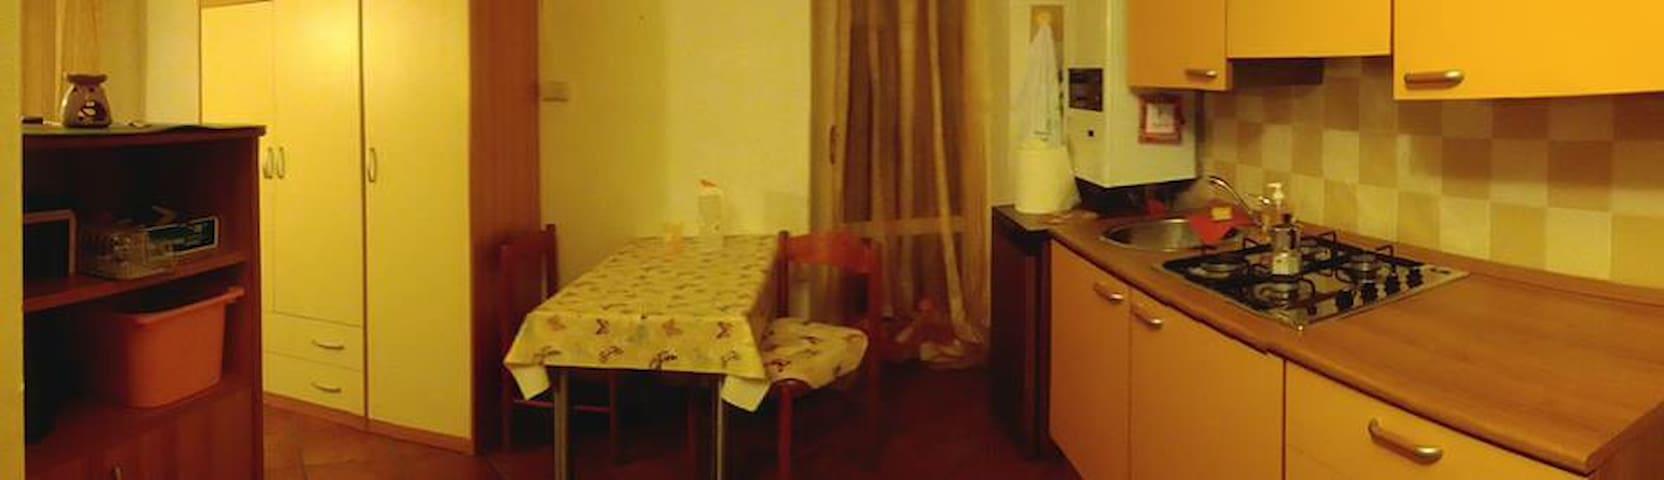 Piccolo ma accogliente monolocale - Biella - Appartement